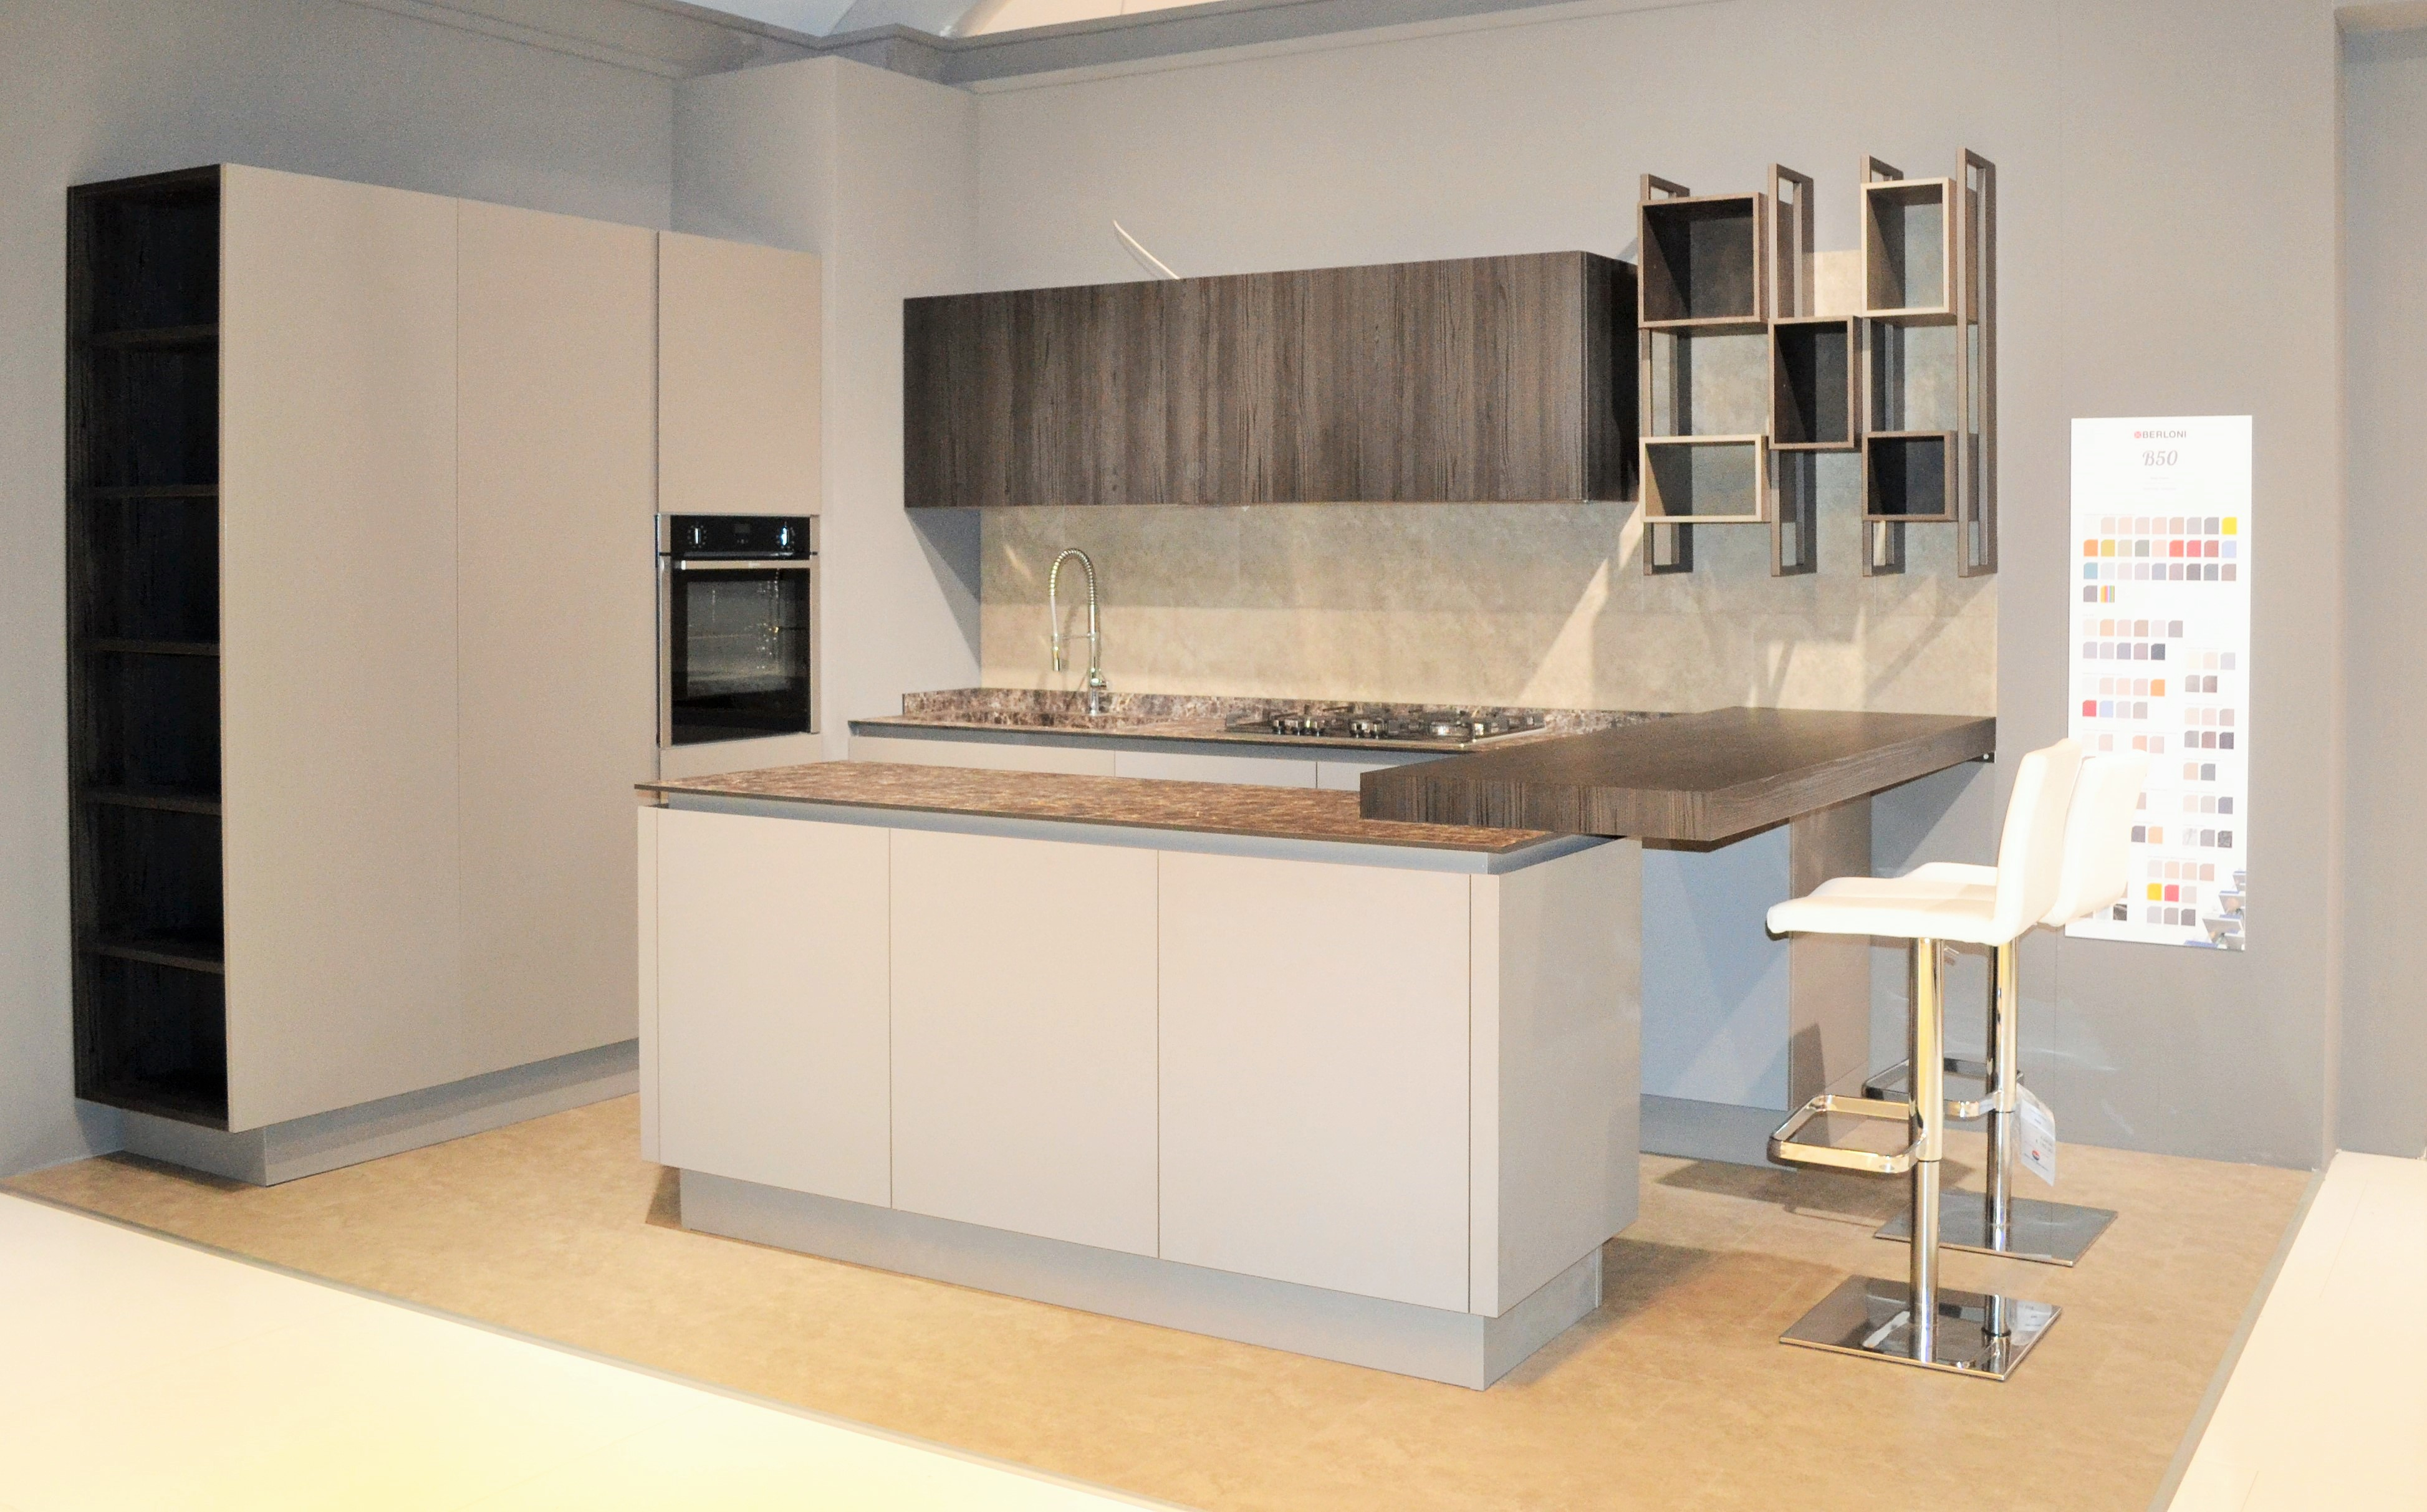 cucina-berloni-moderna-legno-centro dell\'arredamento-savona ...